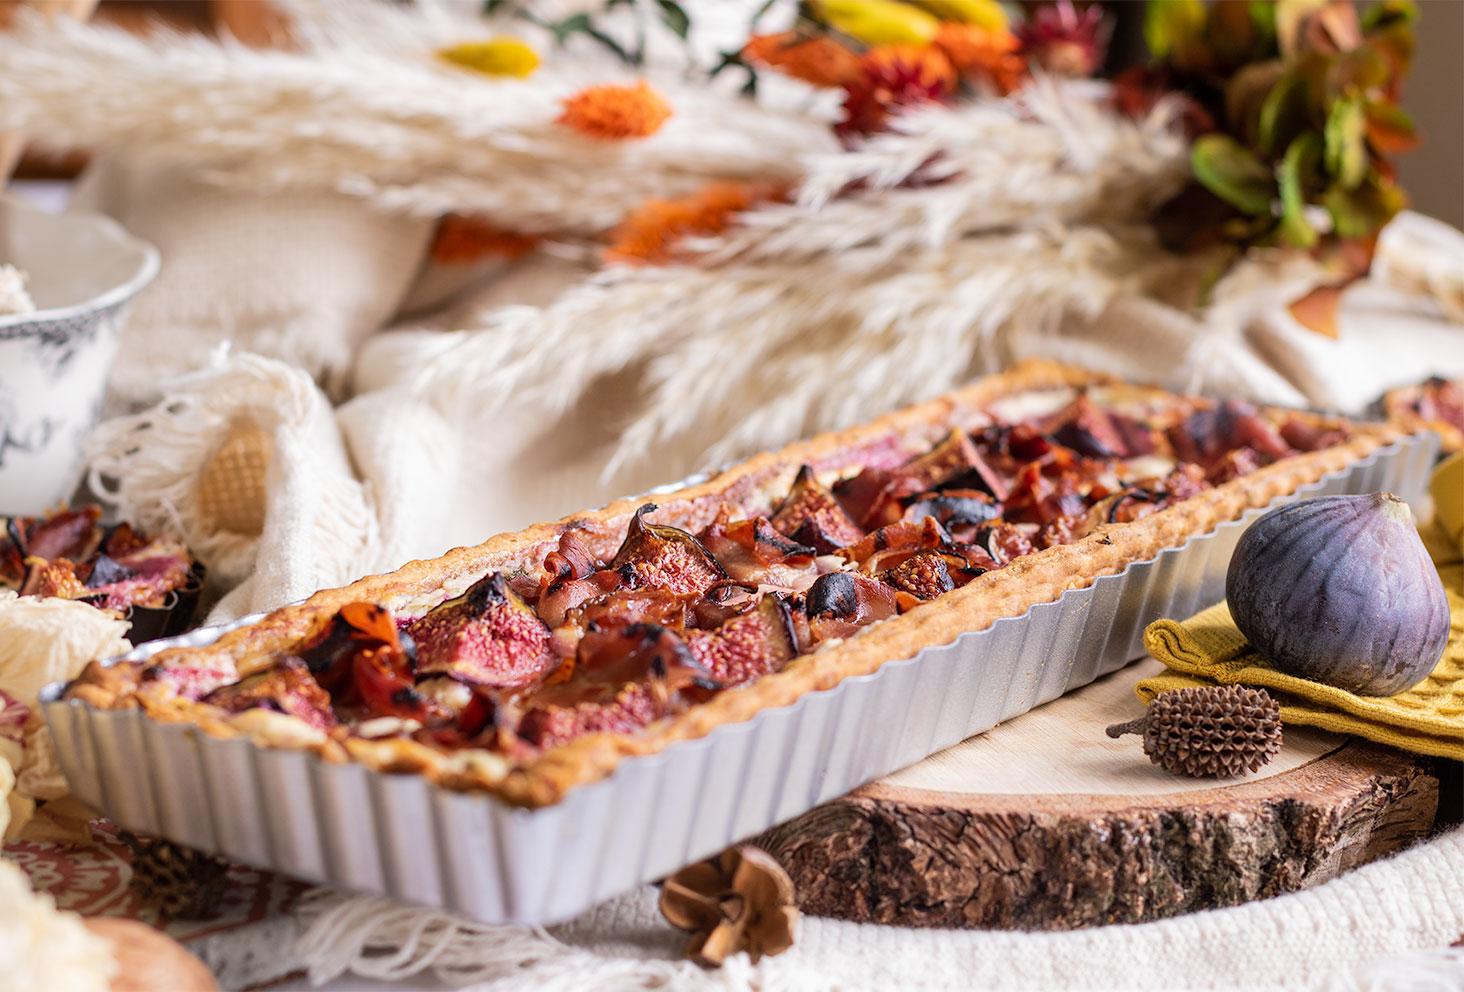 Zoom sur la tarte aux figues, chèvre et jambon, encore dans le plat à tarte en métal gris, posée sur un rondin en bois